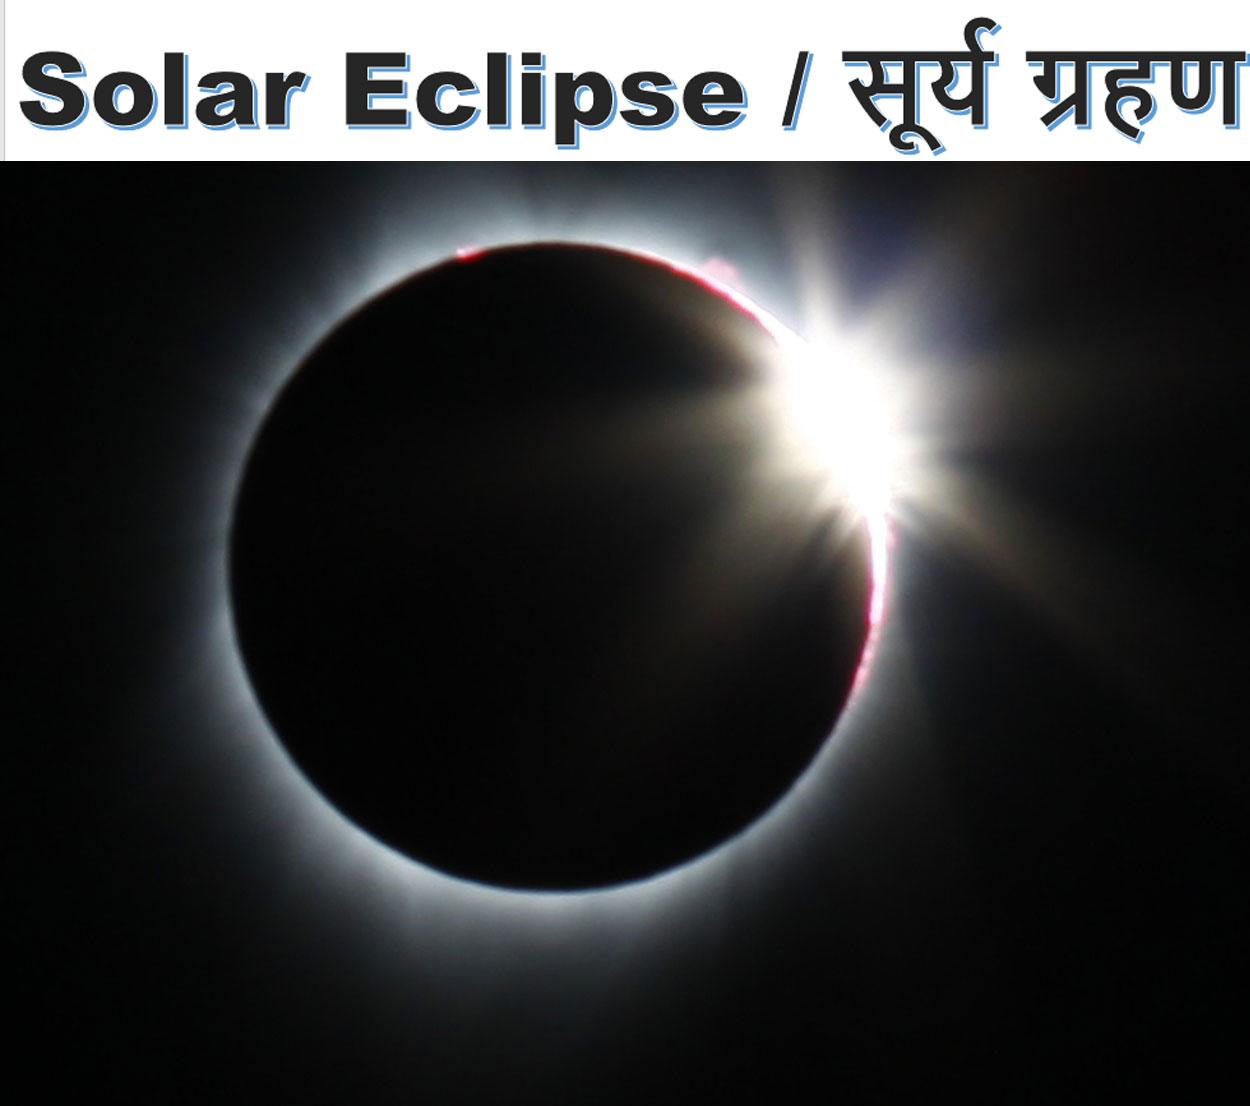 इस वर्ष का अंतिम सूर्य ग्रहण 26 दिसंबर को